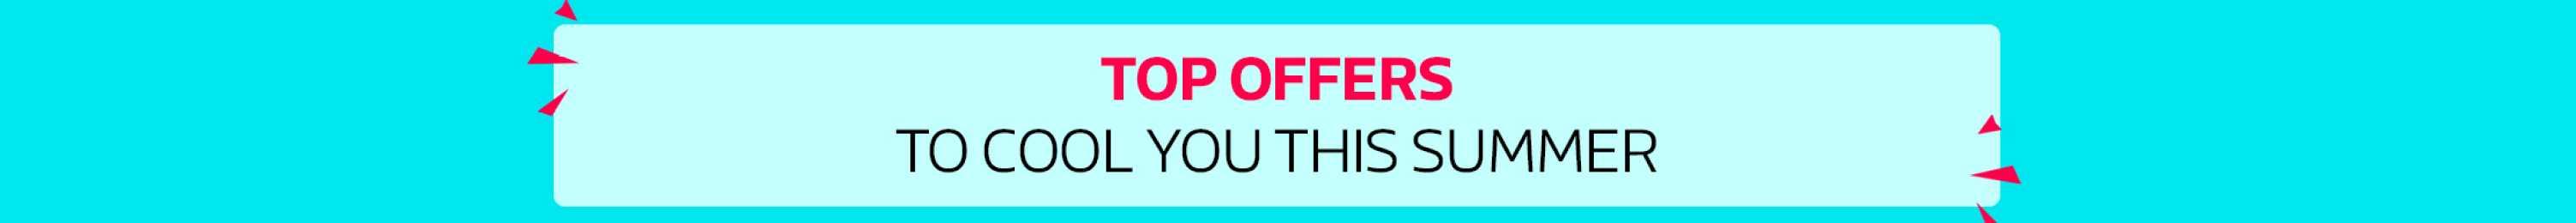 FKCD-4-DT-Top offers